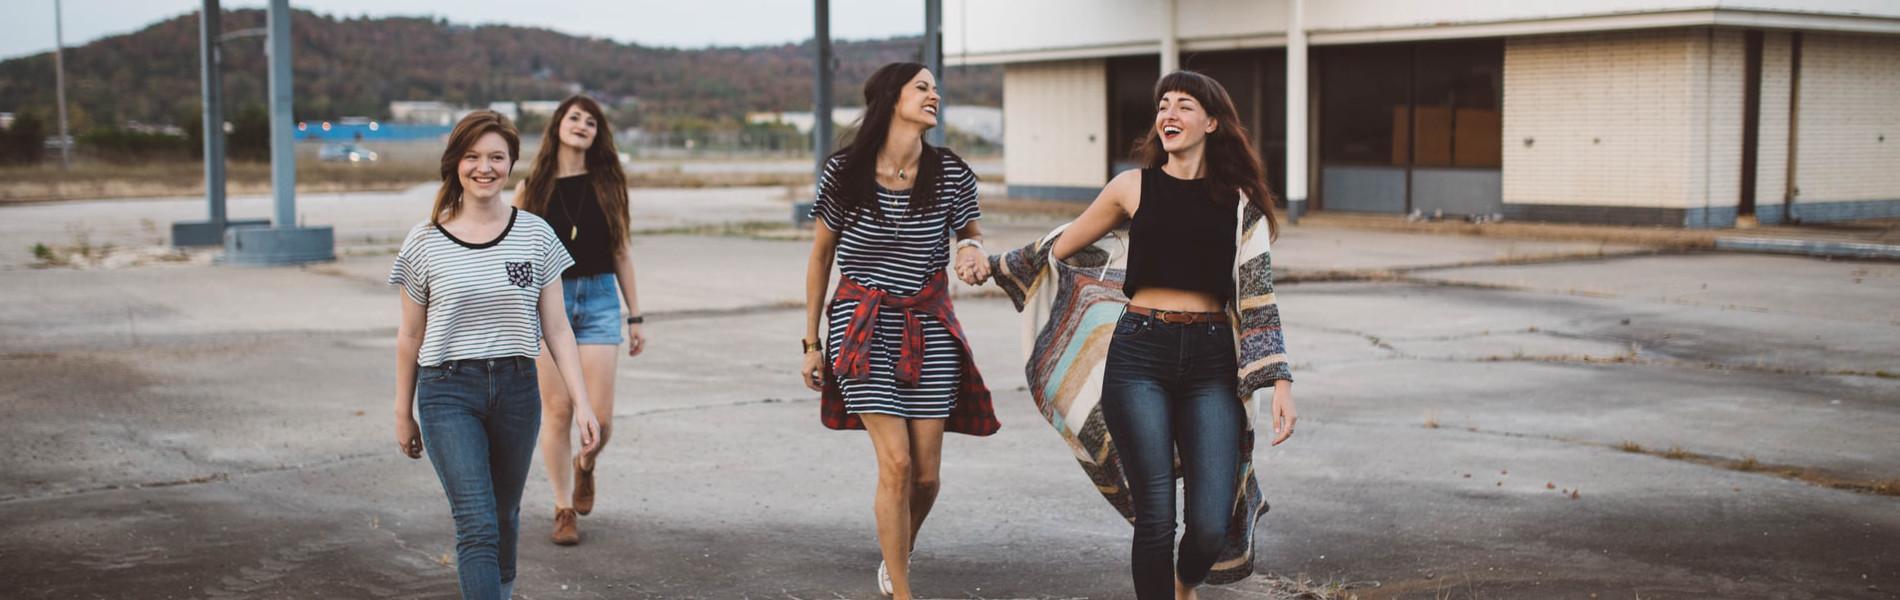 Smart Genossenschaft: Junge Menschen laufen lachend